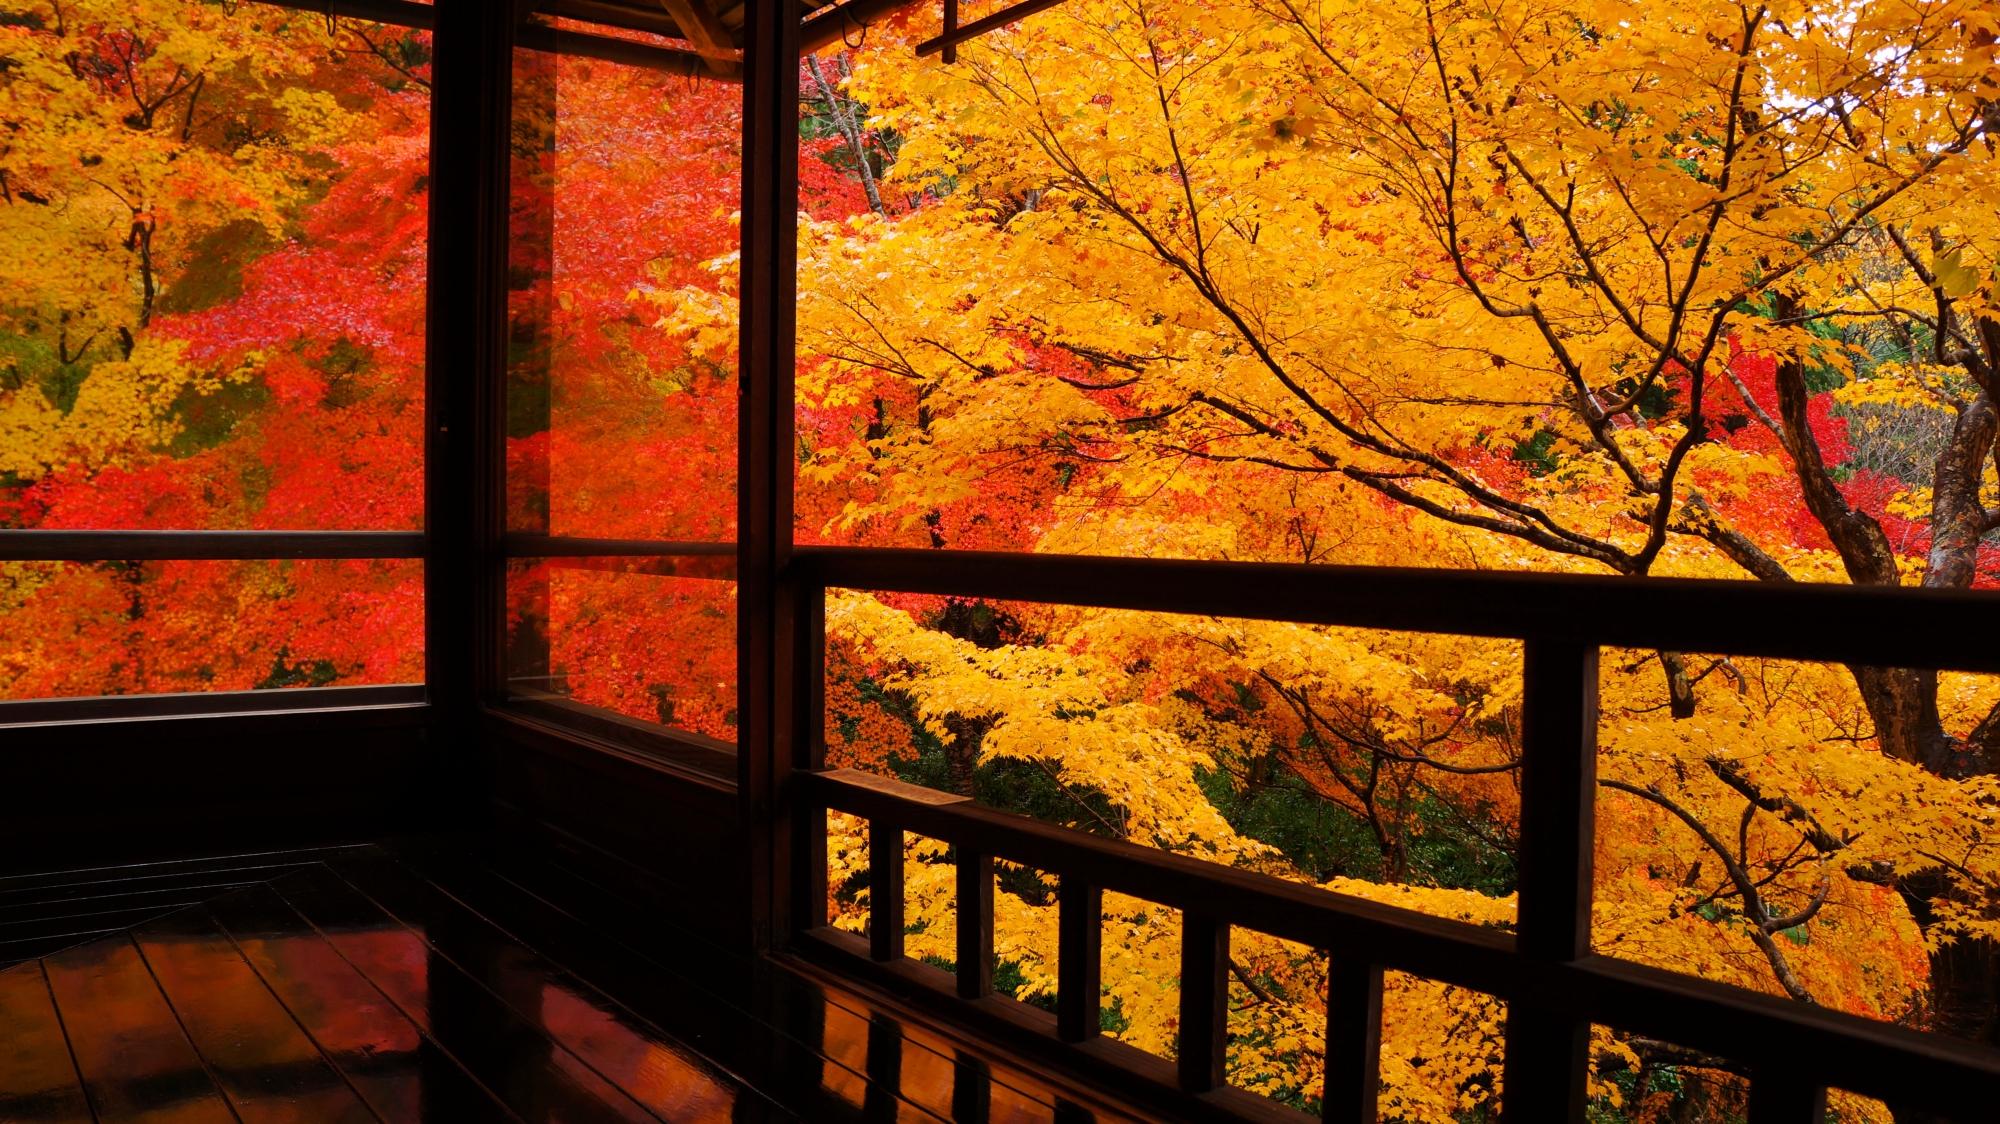 瑠璃光院の窓から溢れる黄色い紅葉